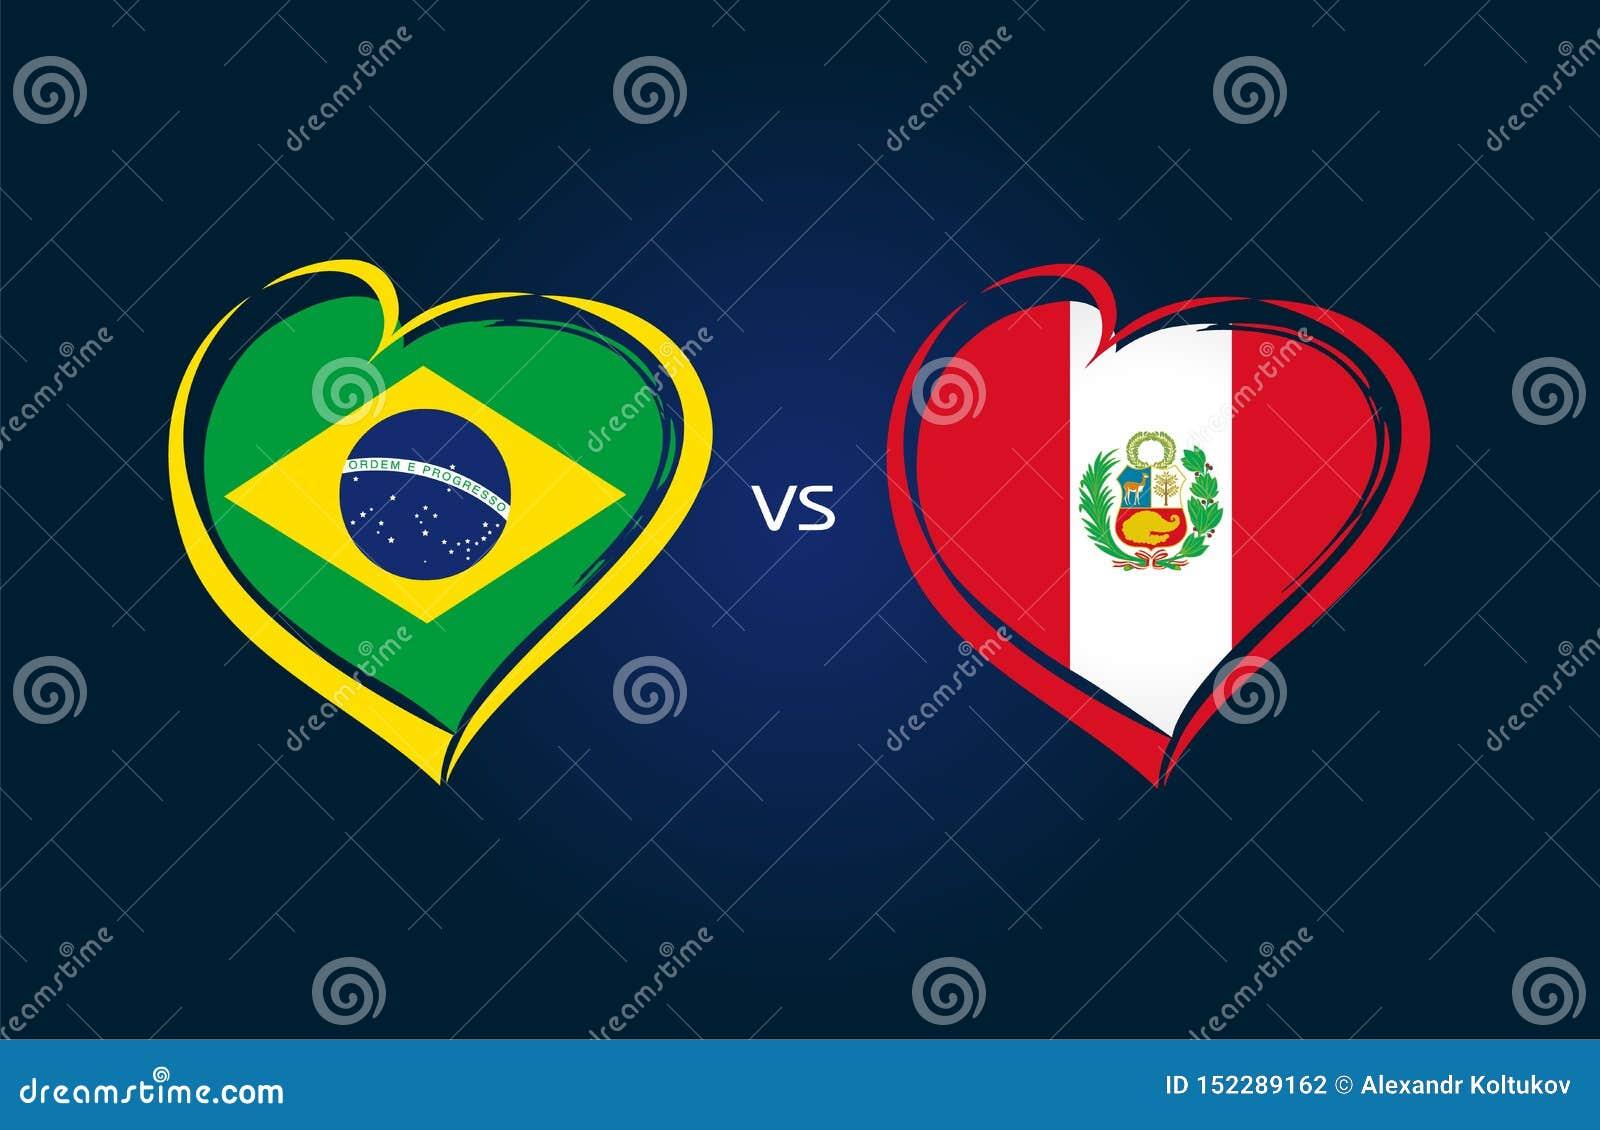 Βραζιλία εναντίον του Περού, σημαίες εθνικών ομάδων στο μπλε υπόβαθρο